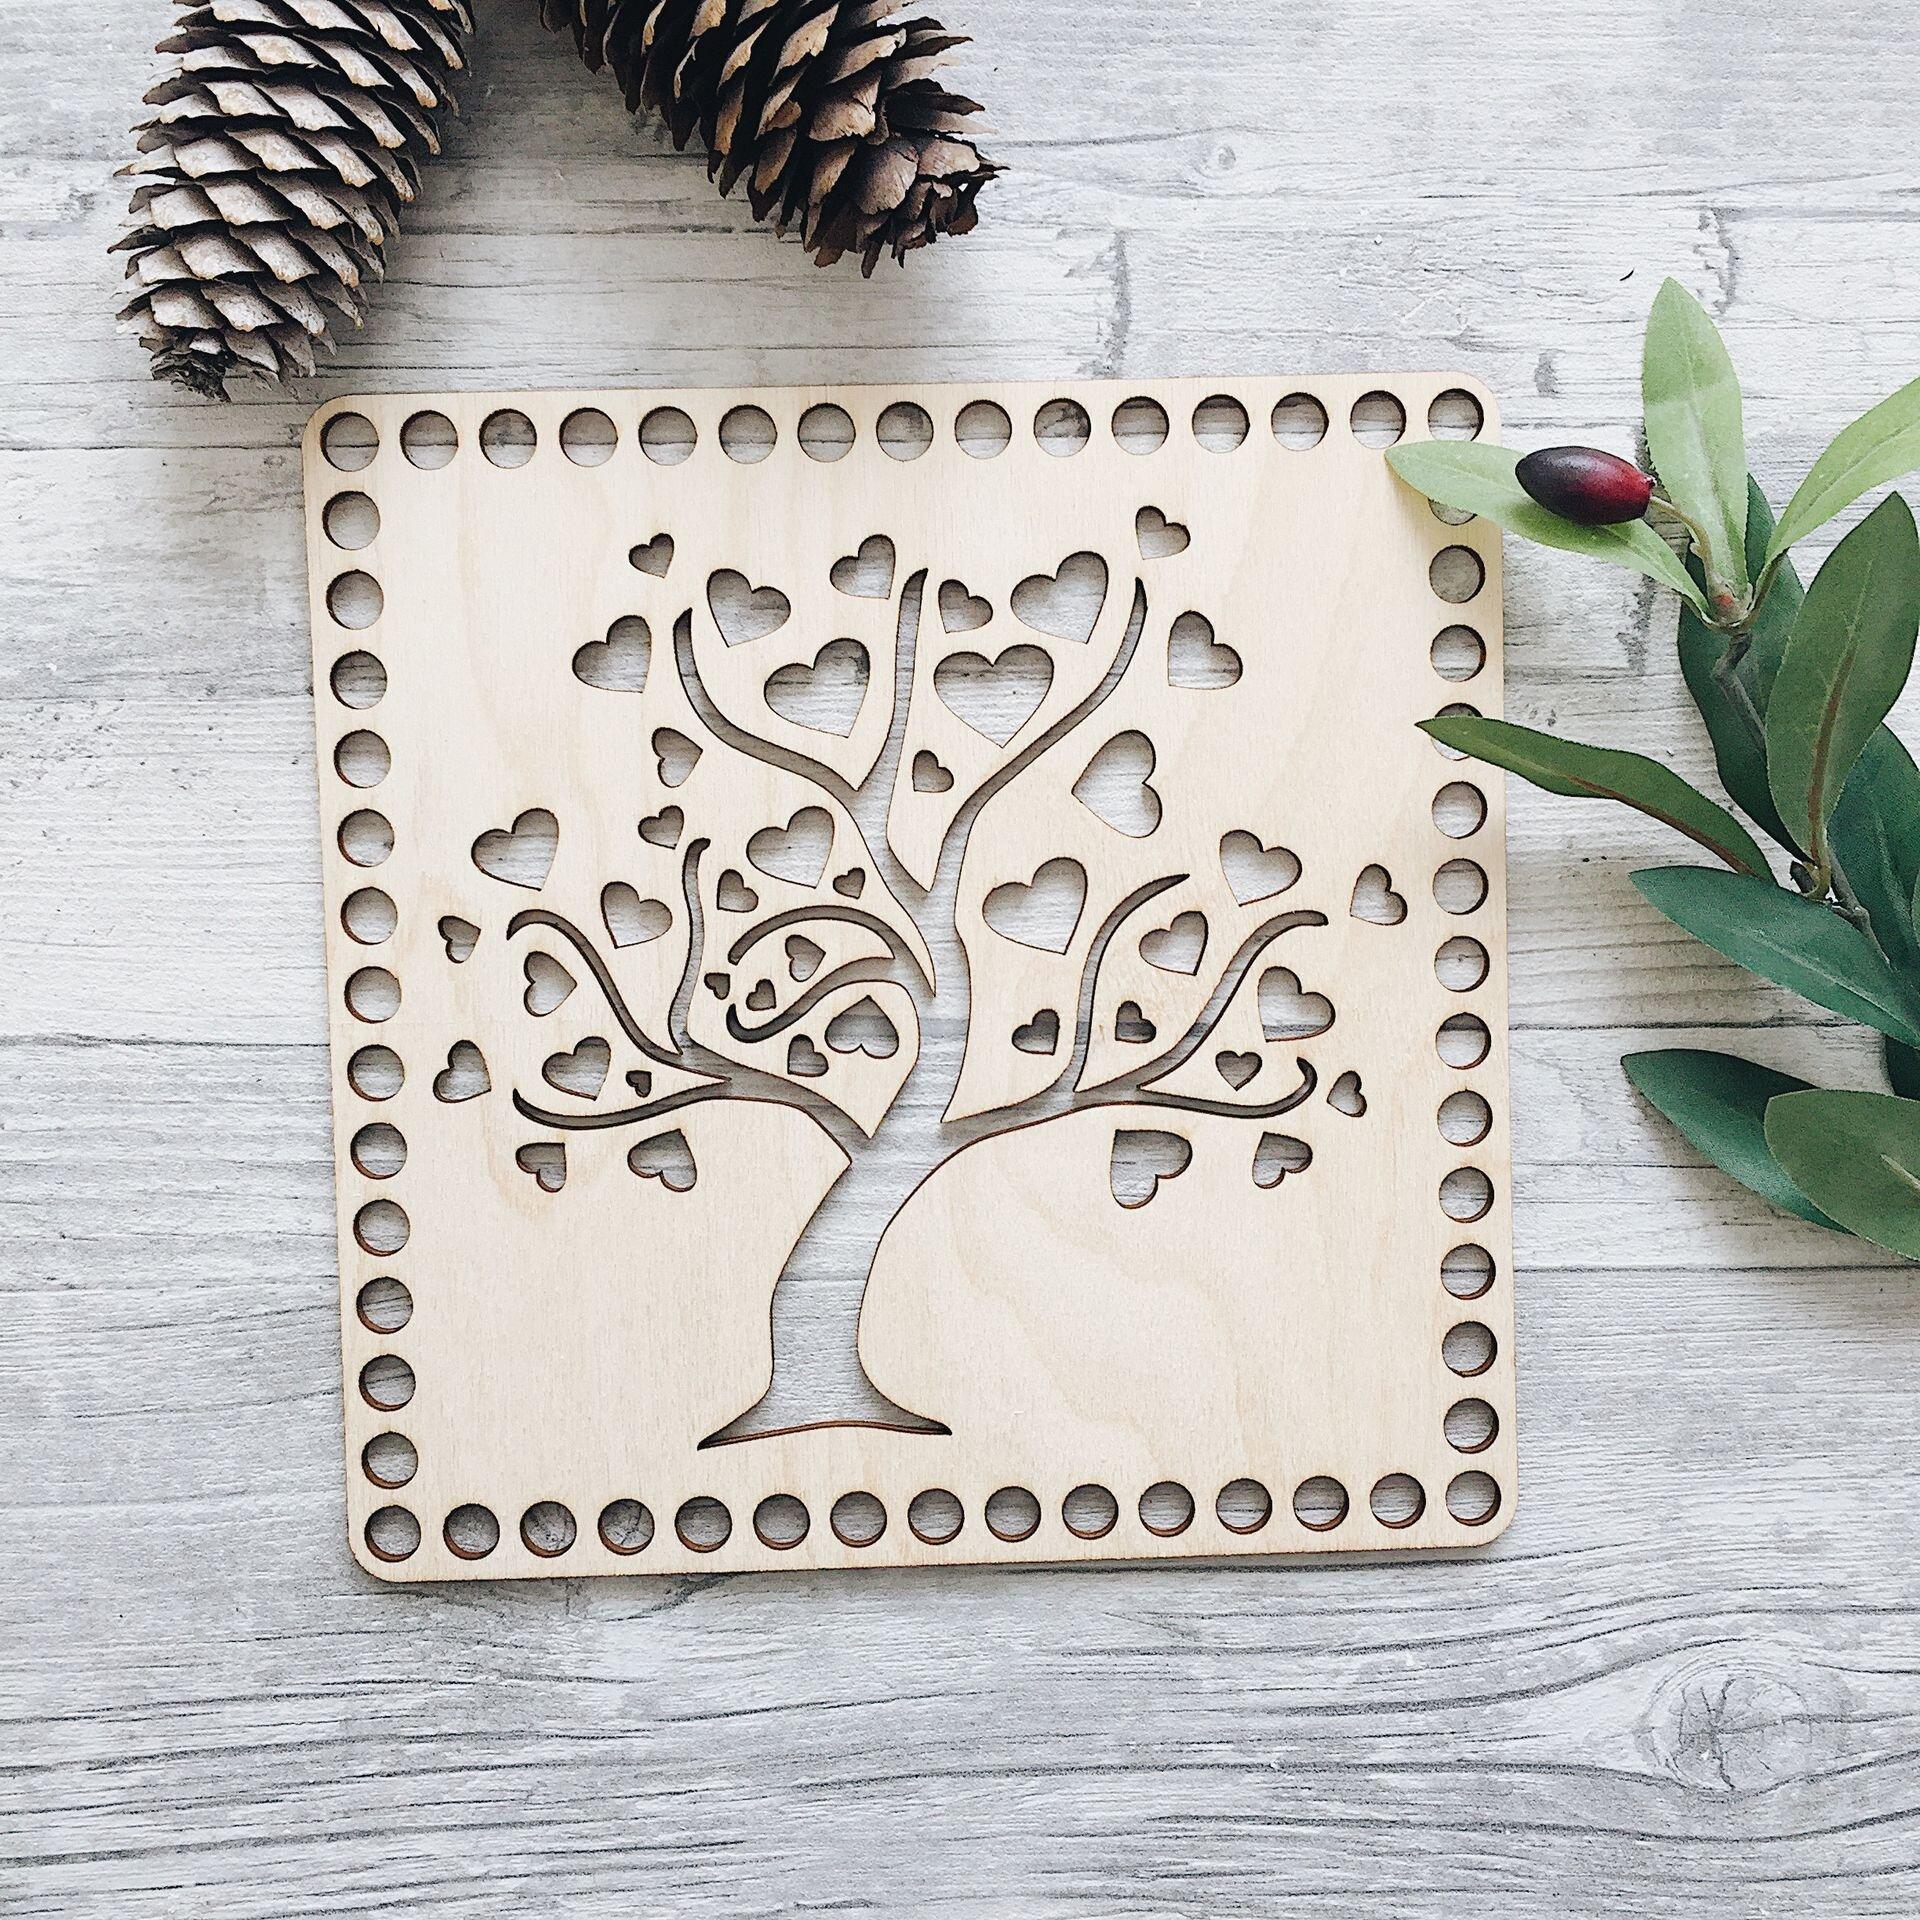 Деревянная резная крышка для корзинки, квадрат с деревом 20см - фото pic_28f46f6f1a469c2_1920x9000_1.jpg